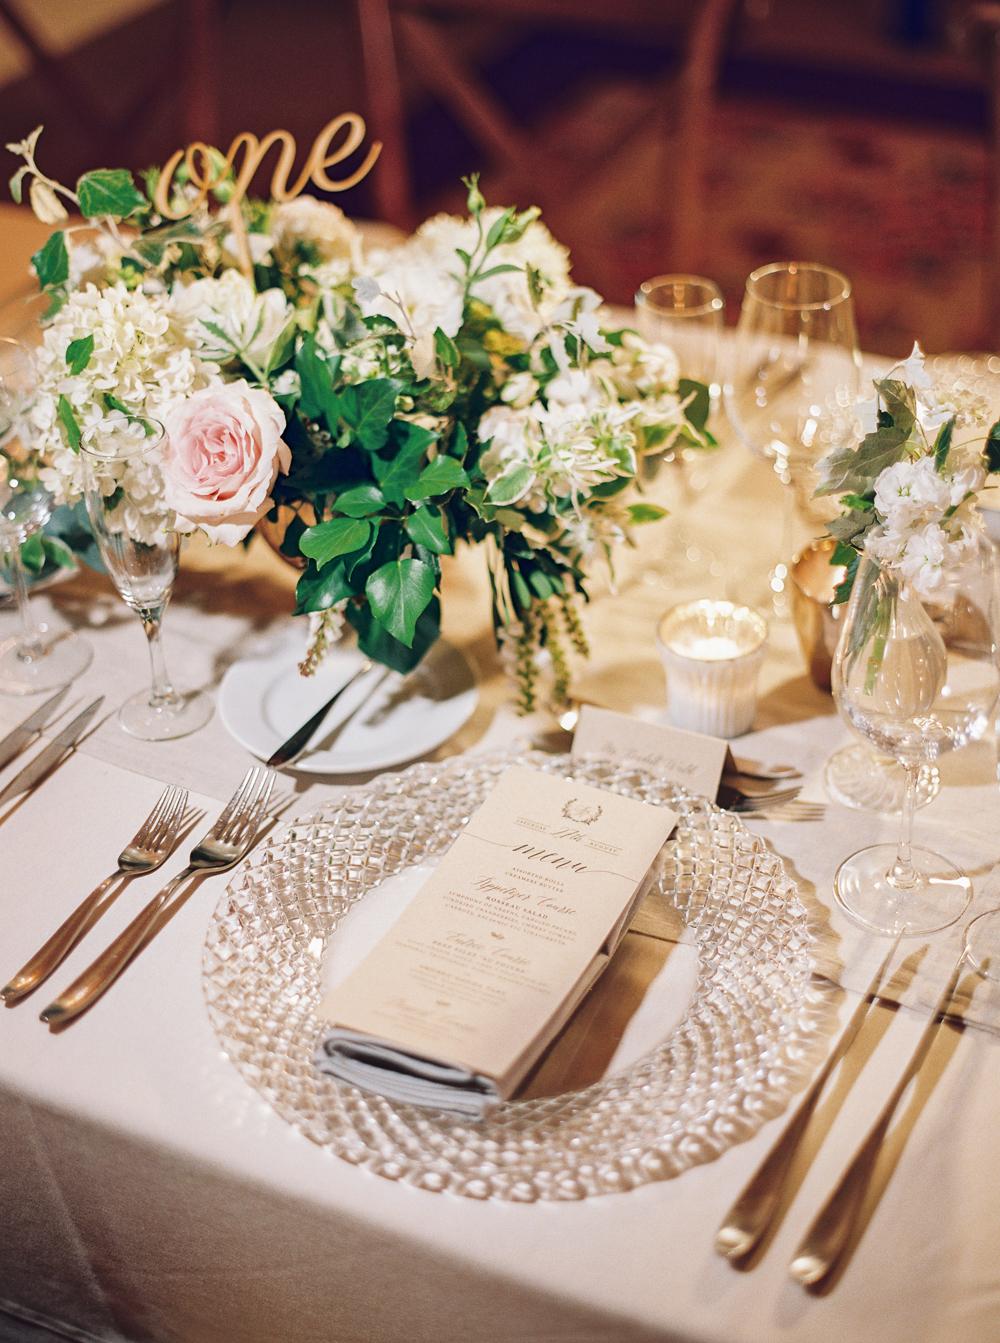 0052-When-He-Found-Her-Muskoka-JW Marriott-The Rosseau-shea-events-sweet-woodruff-canadian-resort-wedding.jpg